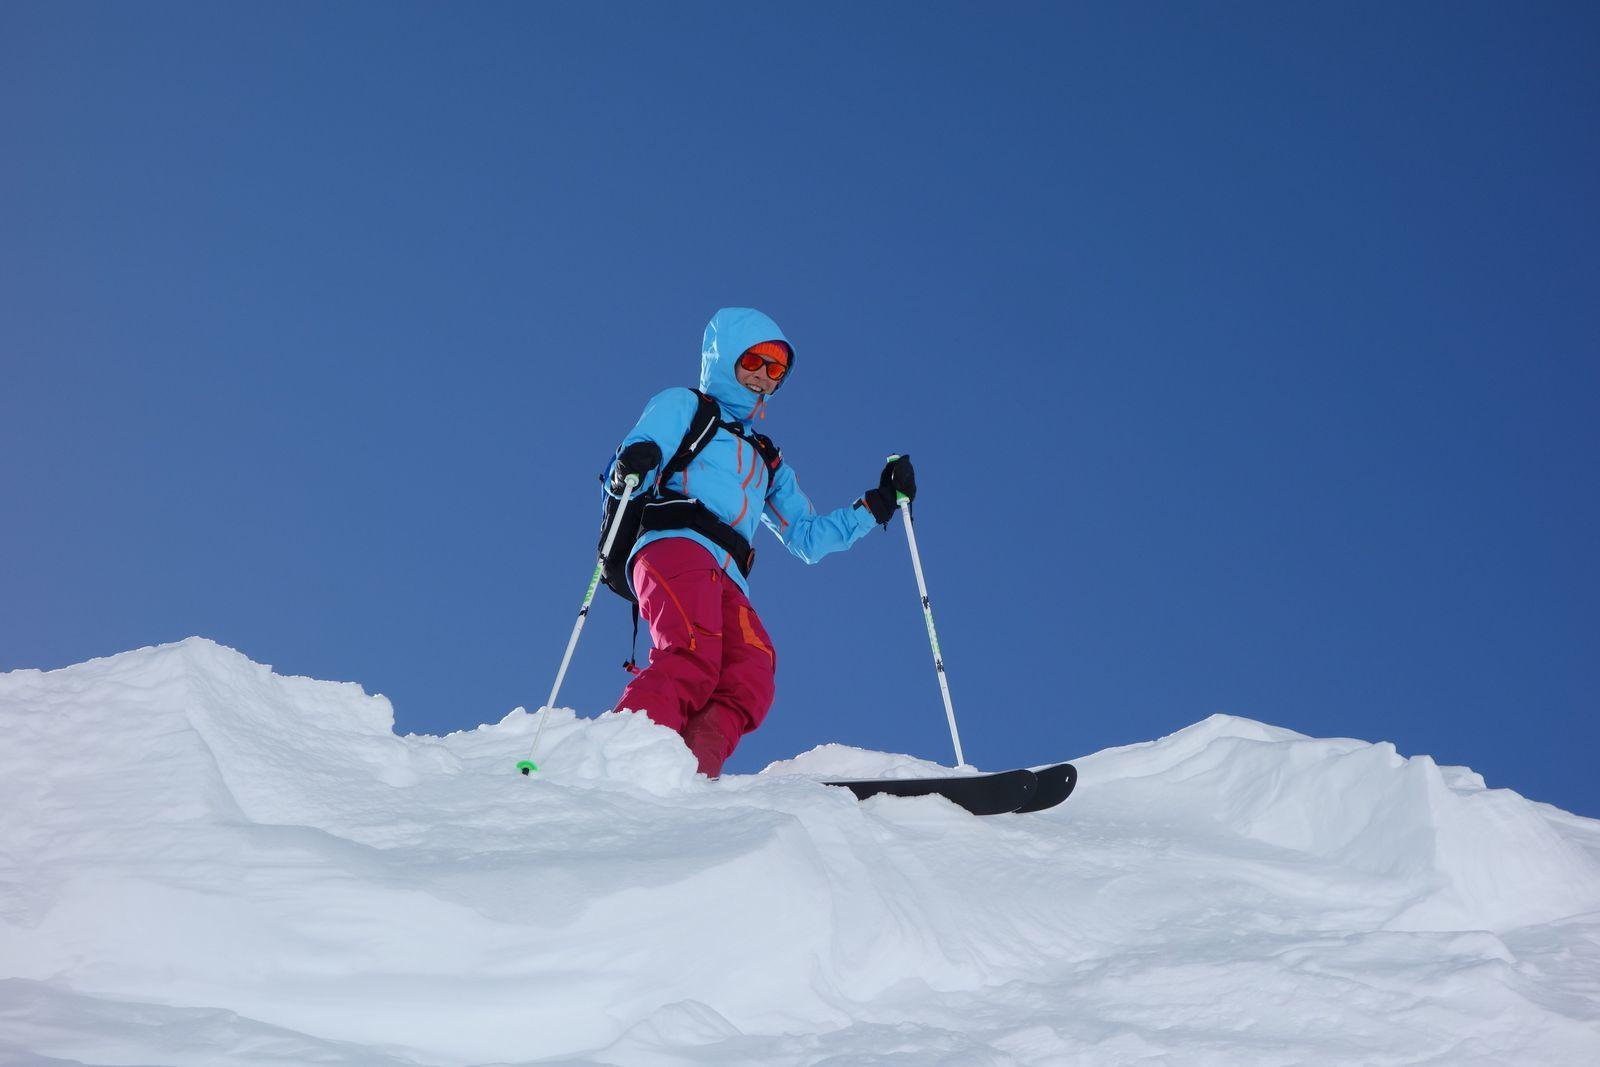 http://www.geromegualaguidechamonix.com  Chamonix Mont Blanc Aiguille du midi, Grands Montets